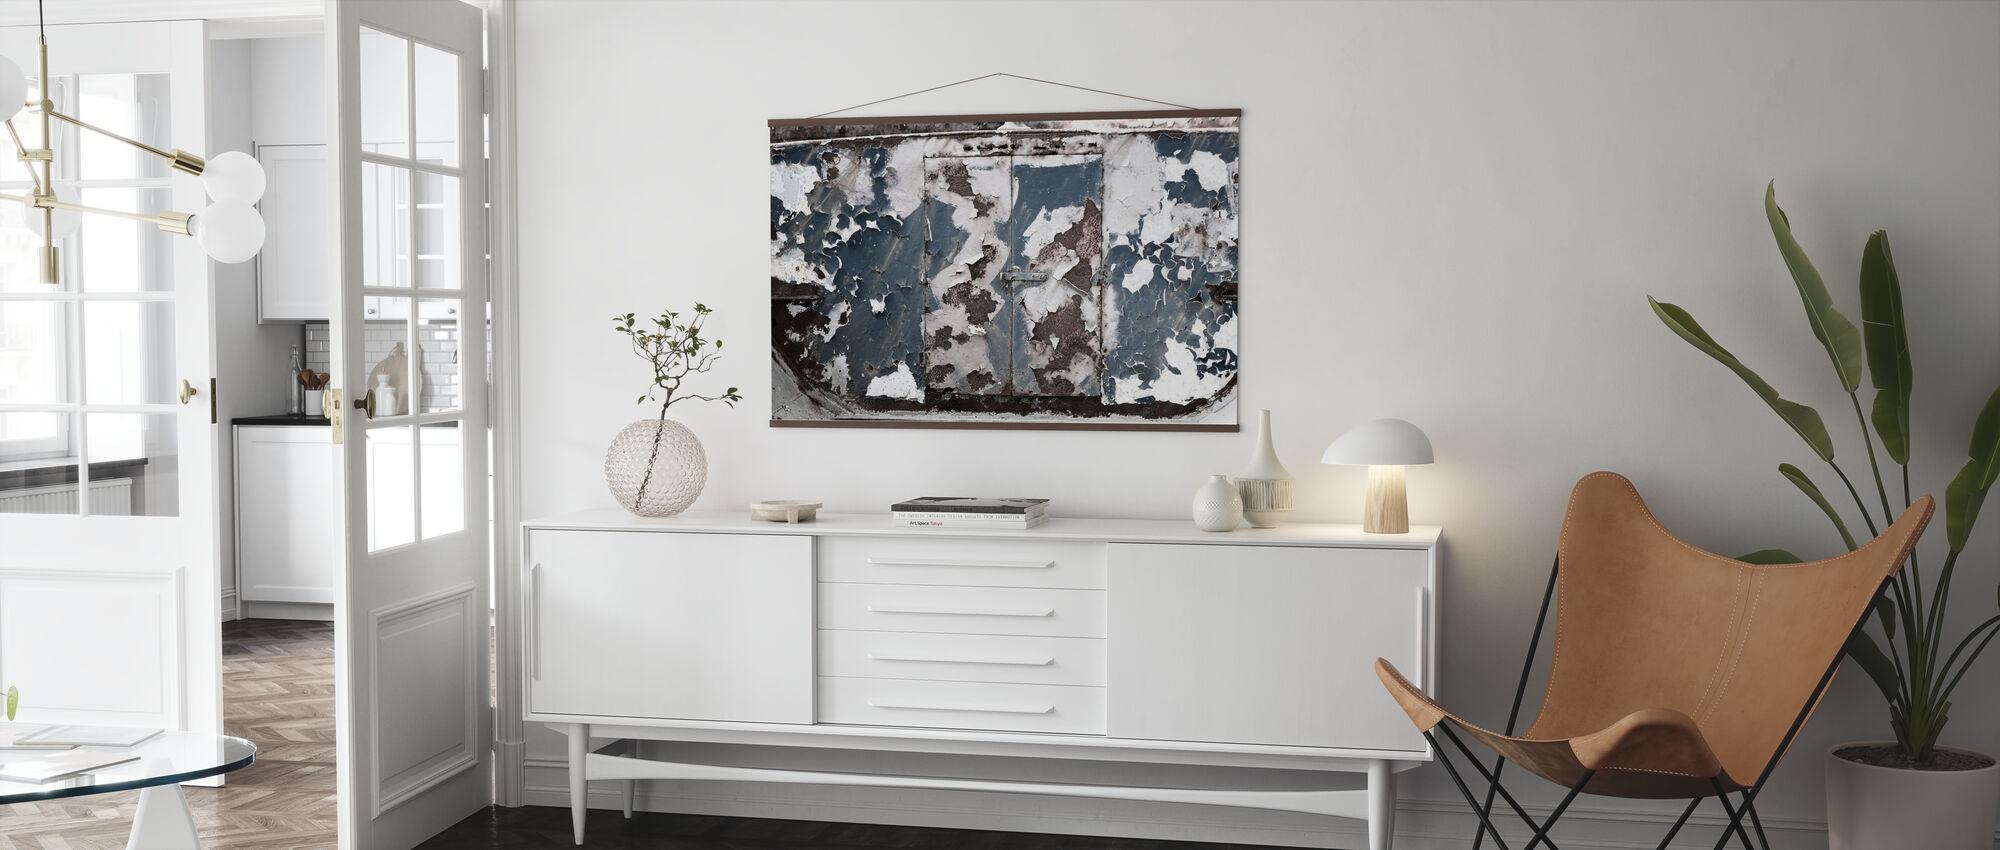 Rusty Old Door - Poster - Living Room